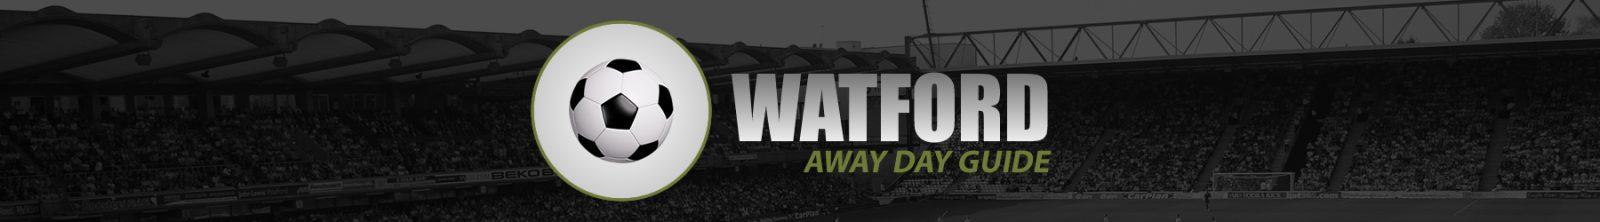 Watford Away